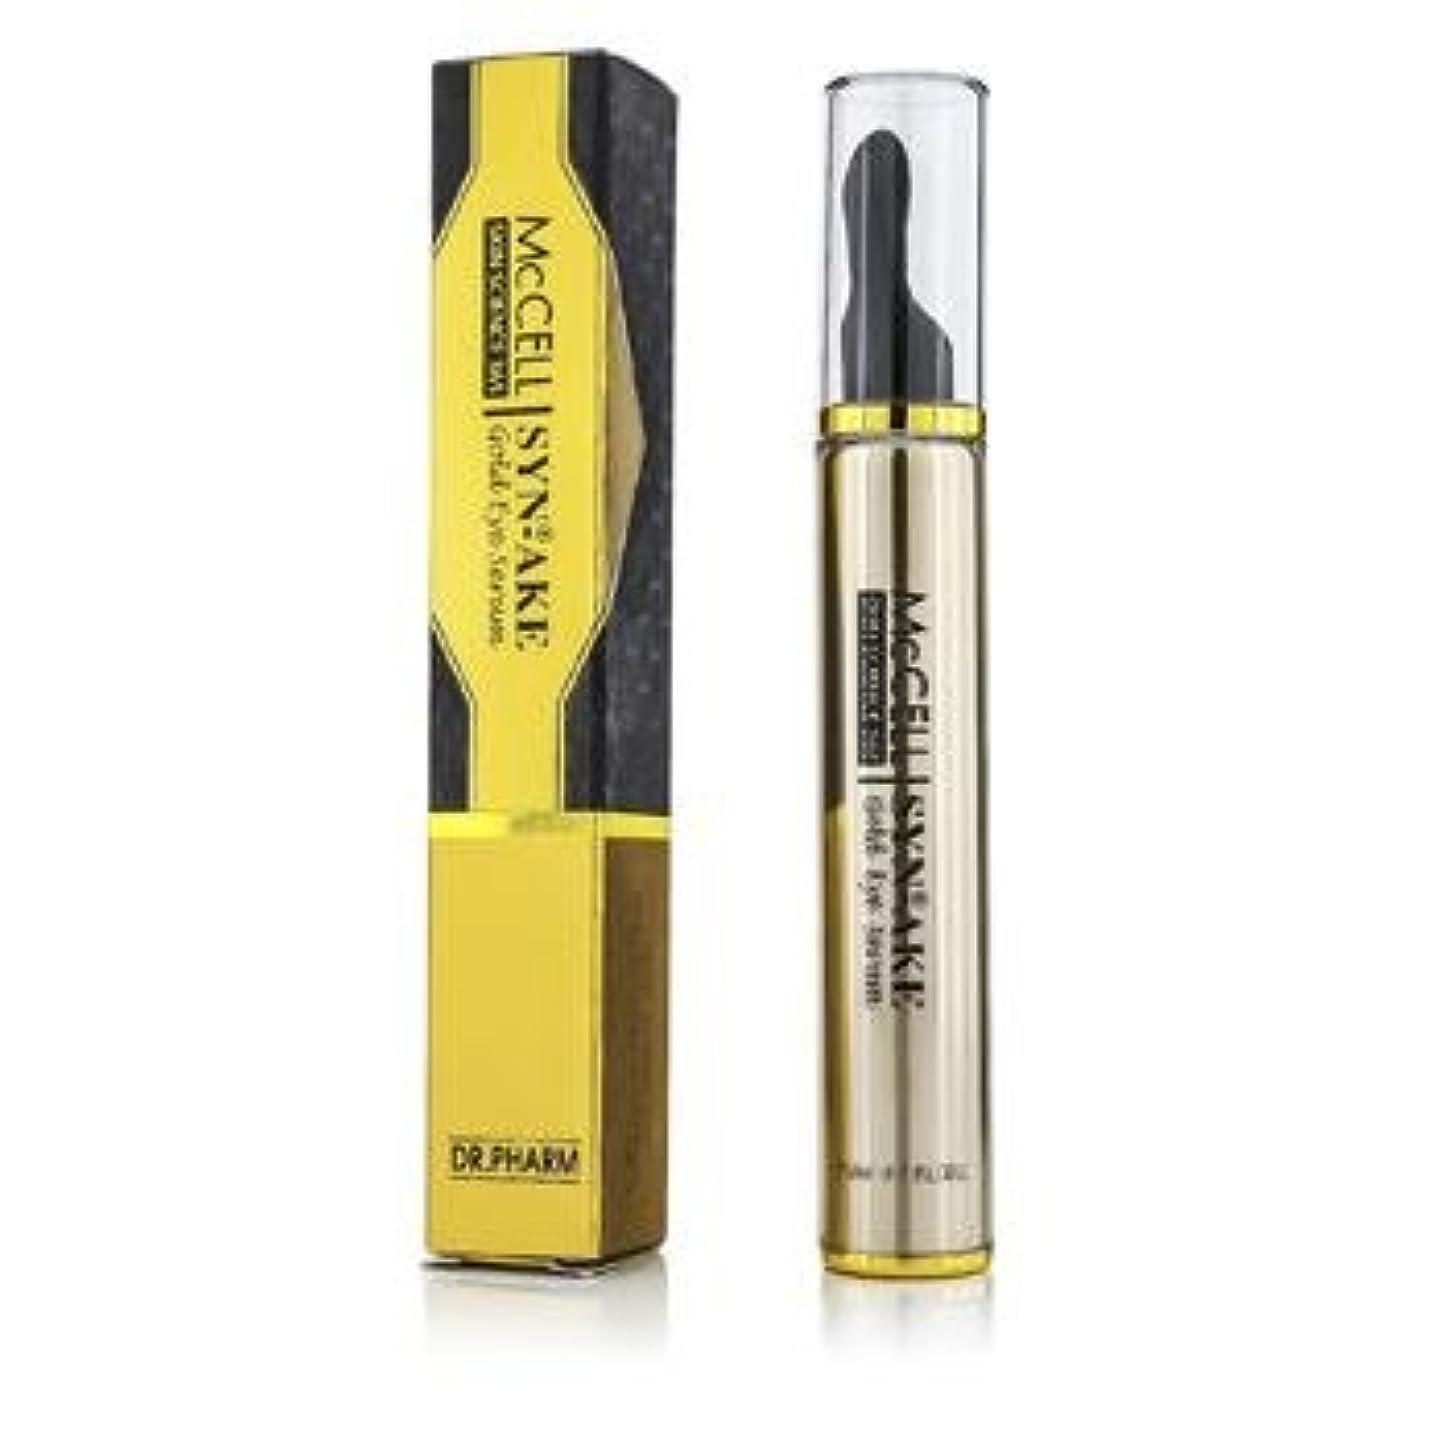 チョップ信念ガイドドクターファーム McCELL Skin Science 365 SYN-AKE Gold Eye Serum 15ml/0.5oz